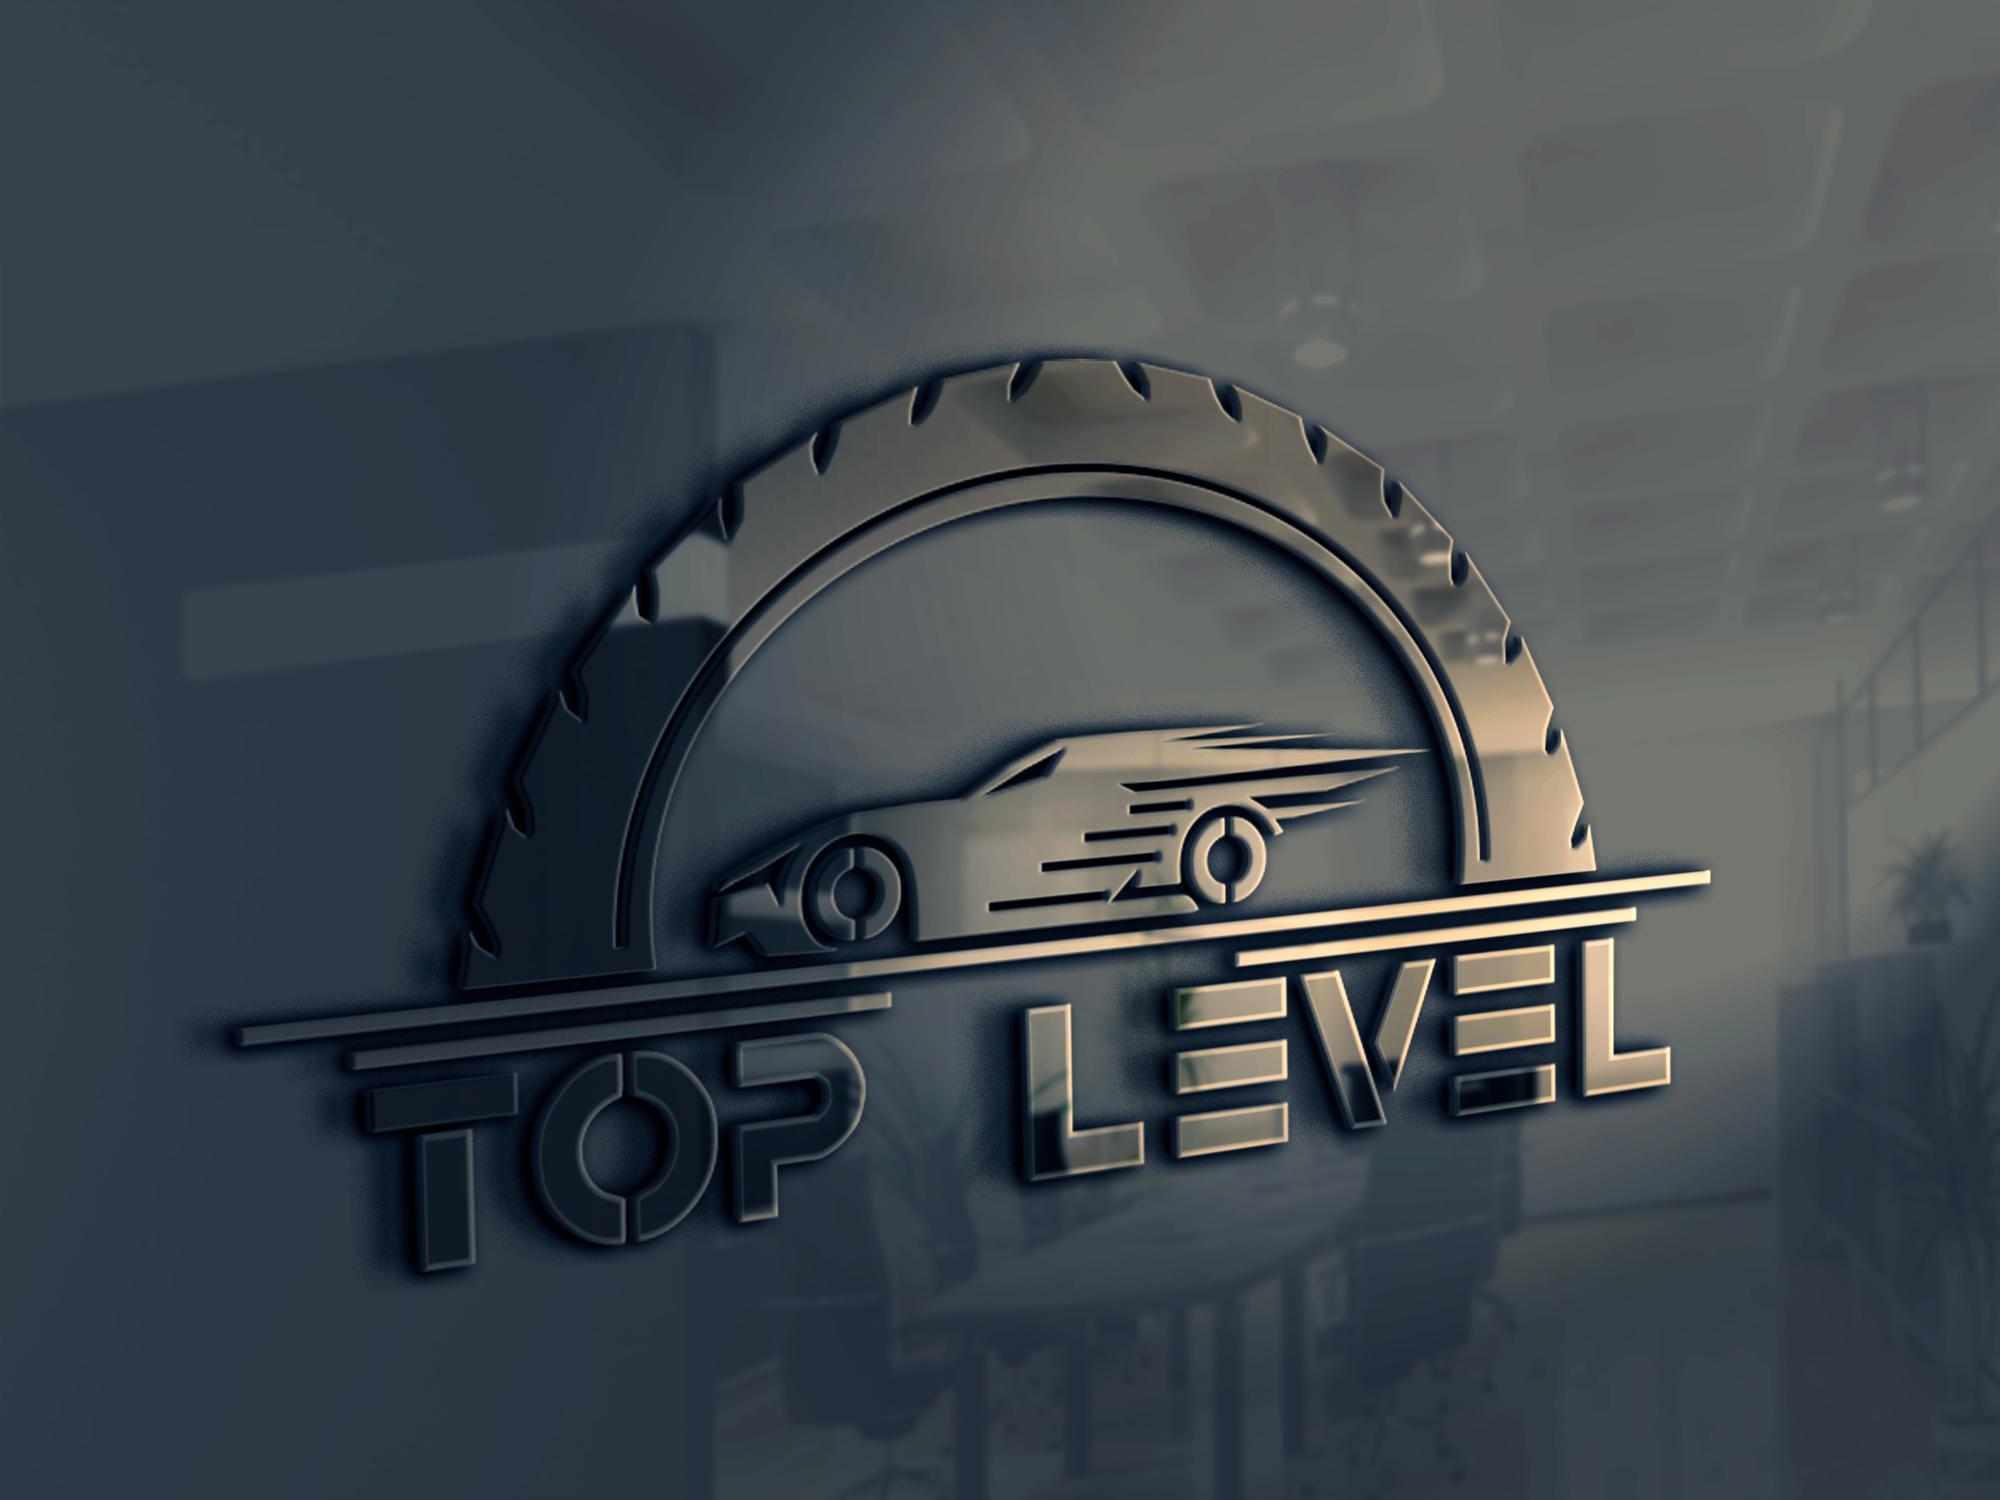 Разработка логотипа для тюнинг ателье фото f_3825f32c97d89dad.png